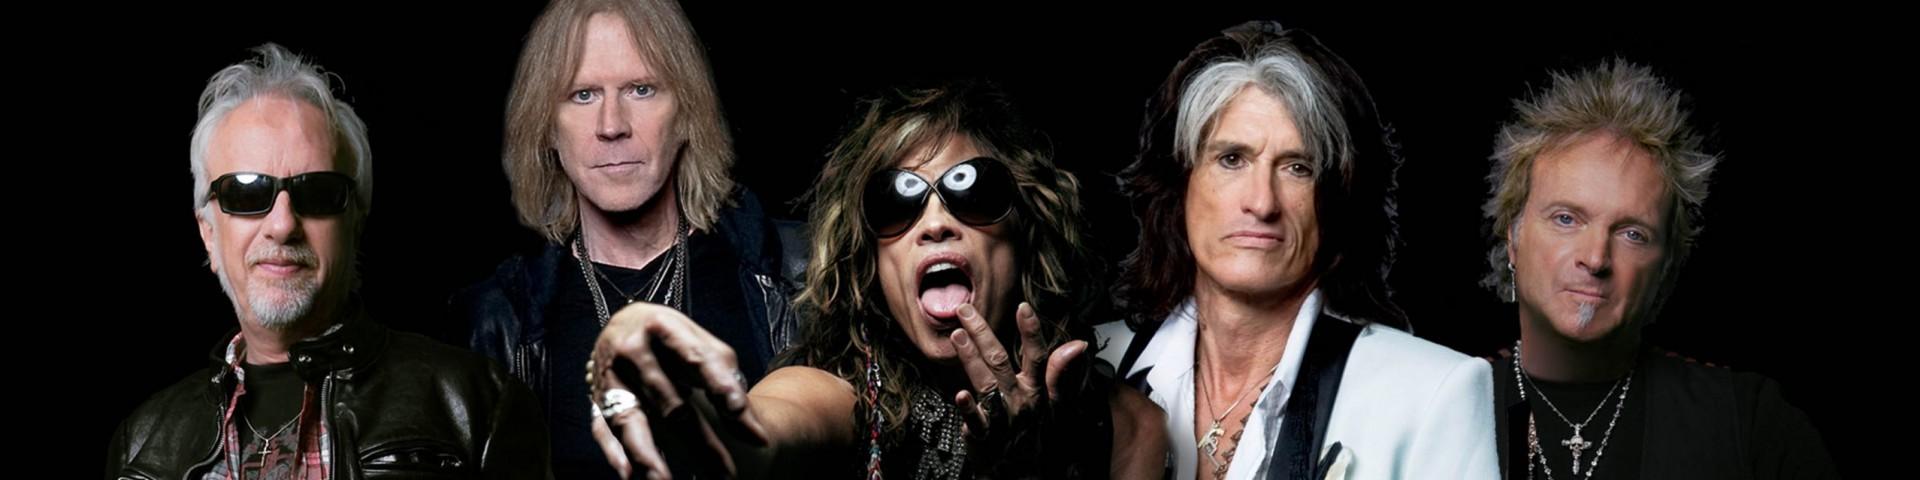 Aerosmith a Milano: come acquistare i biglietti